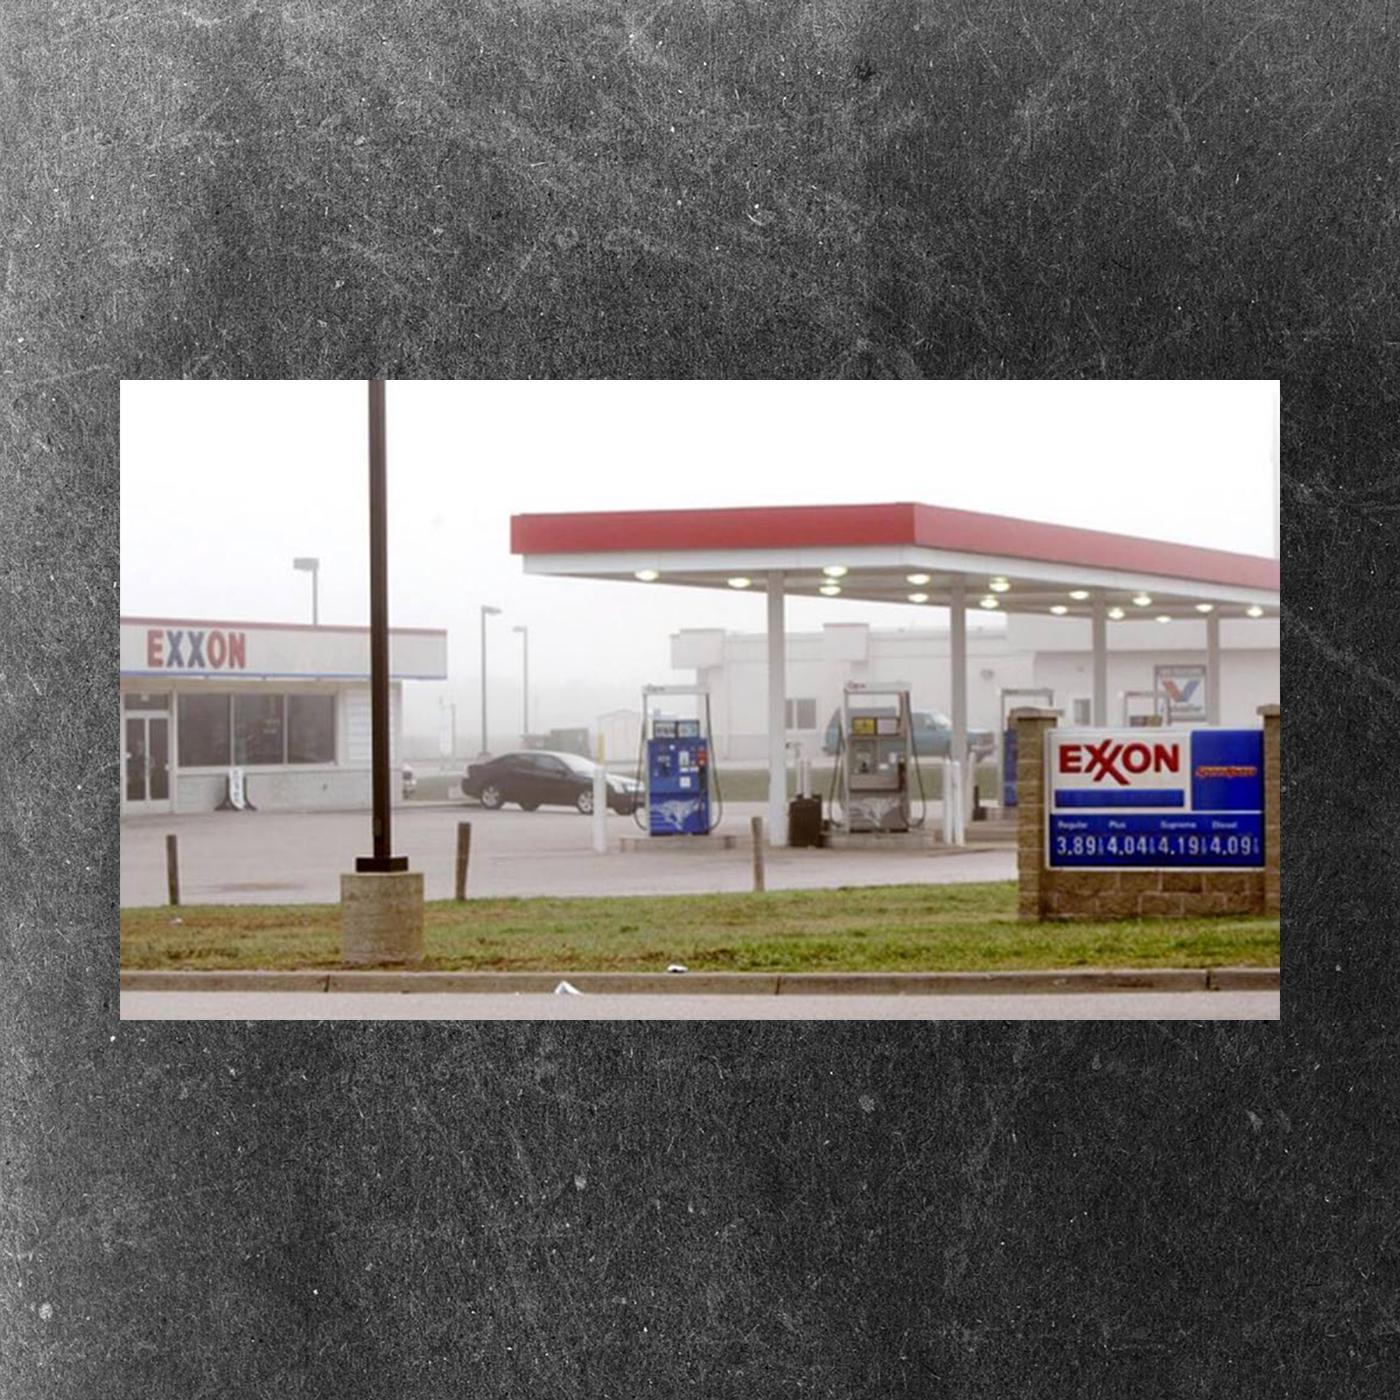 Norton Shores Exxon gas station